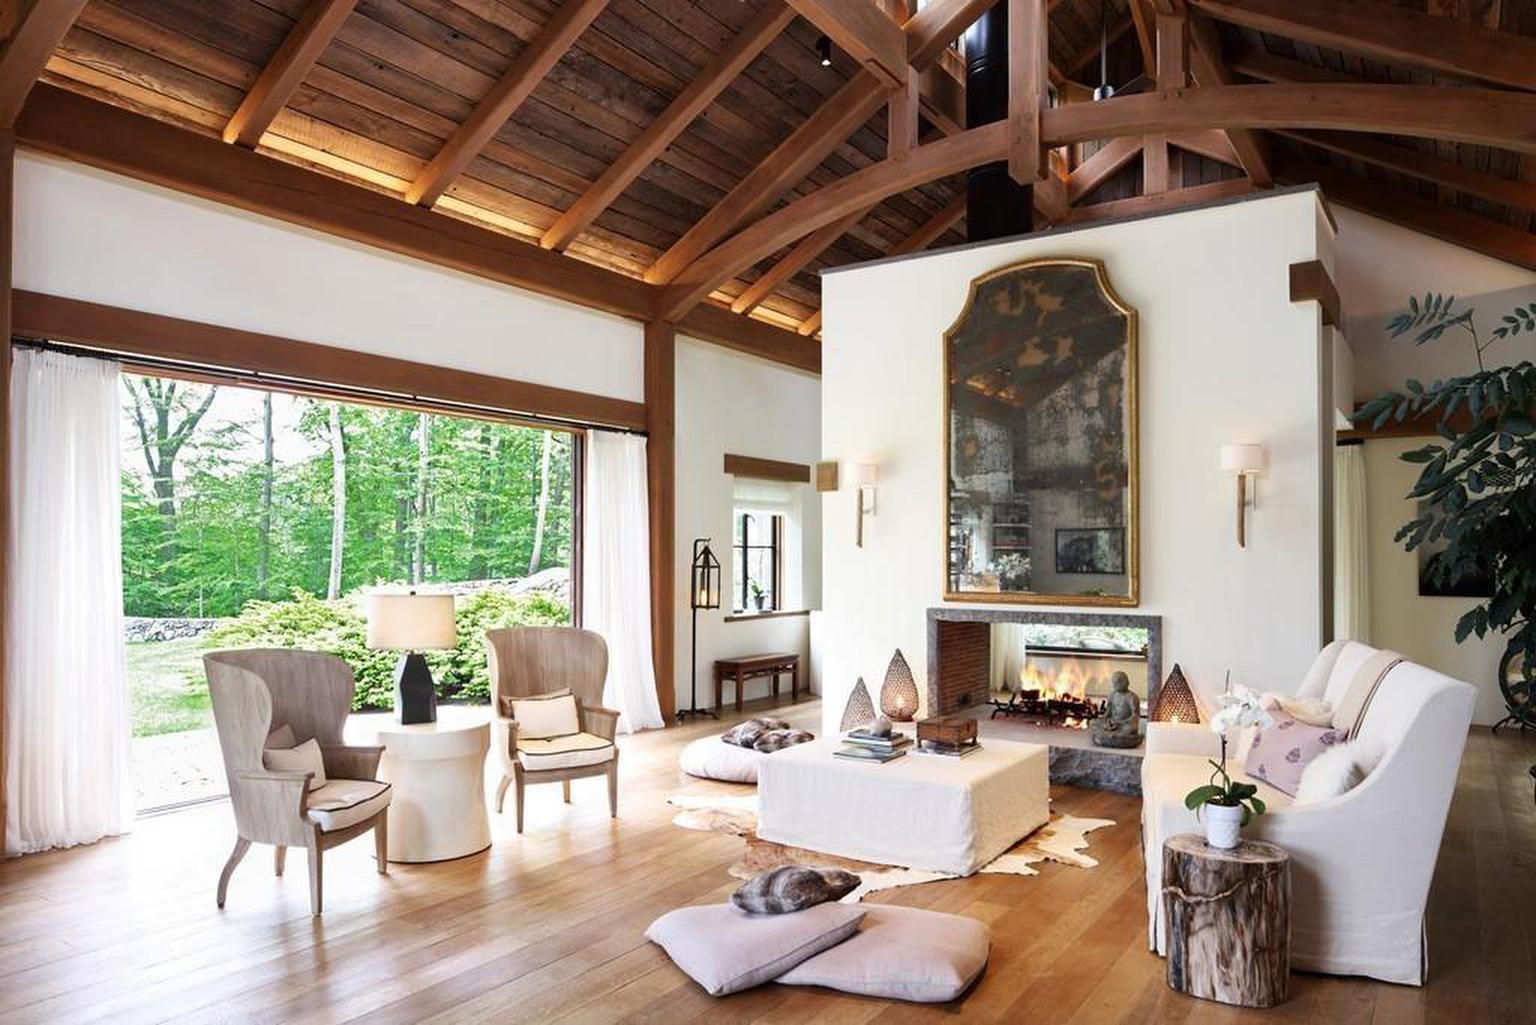 La mansión de Gisele Bündchen y Tom Brady